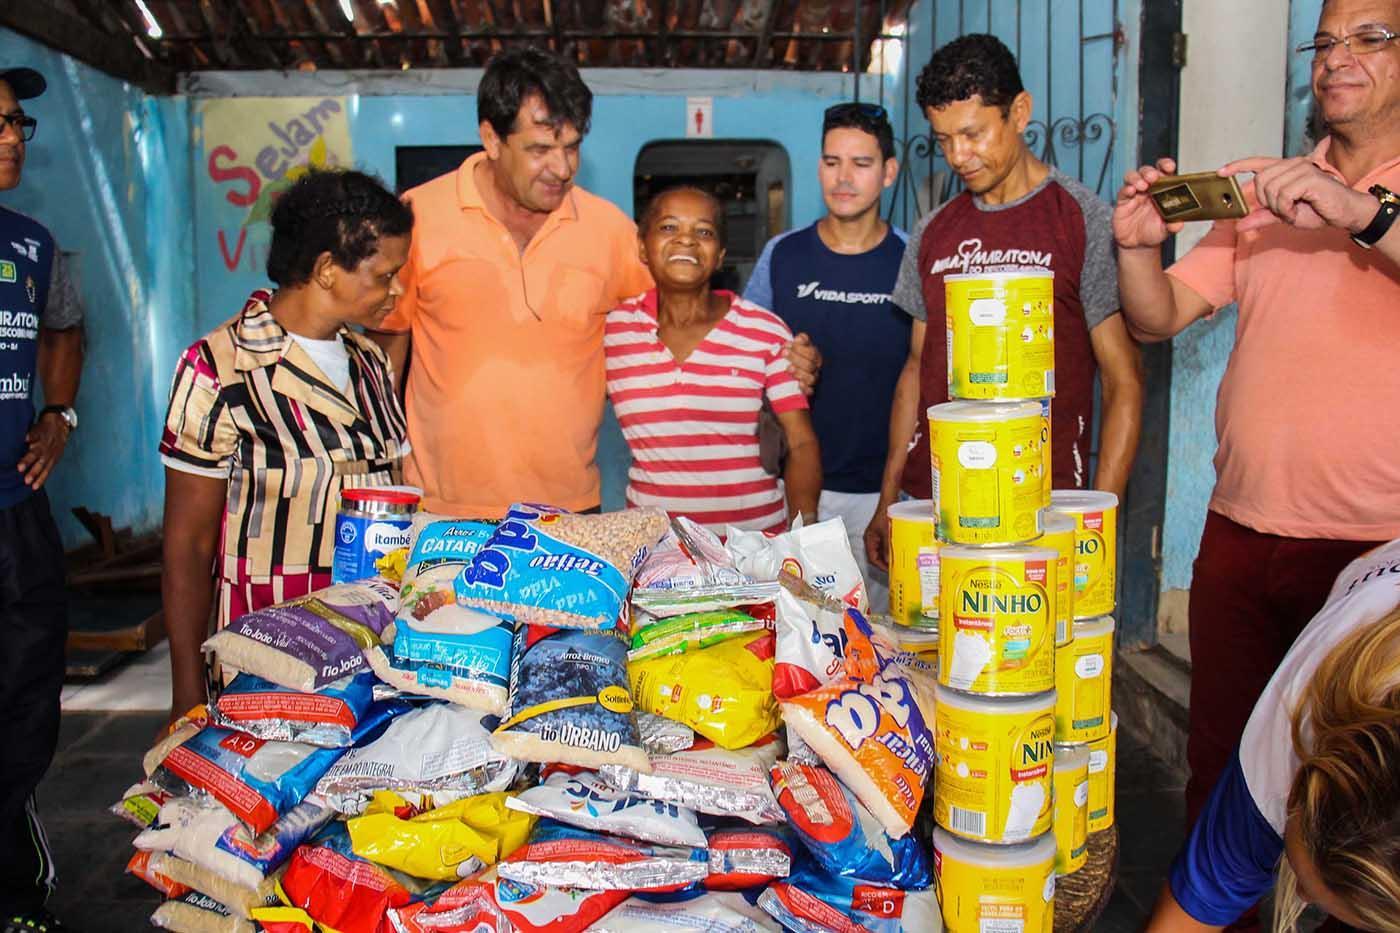 5 instituições são beneficiadas para entrega de alimentos da Meia Maratona do Descobrimento em Porto Seguro